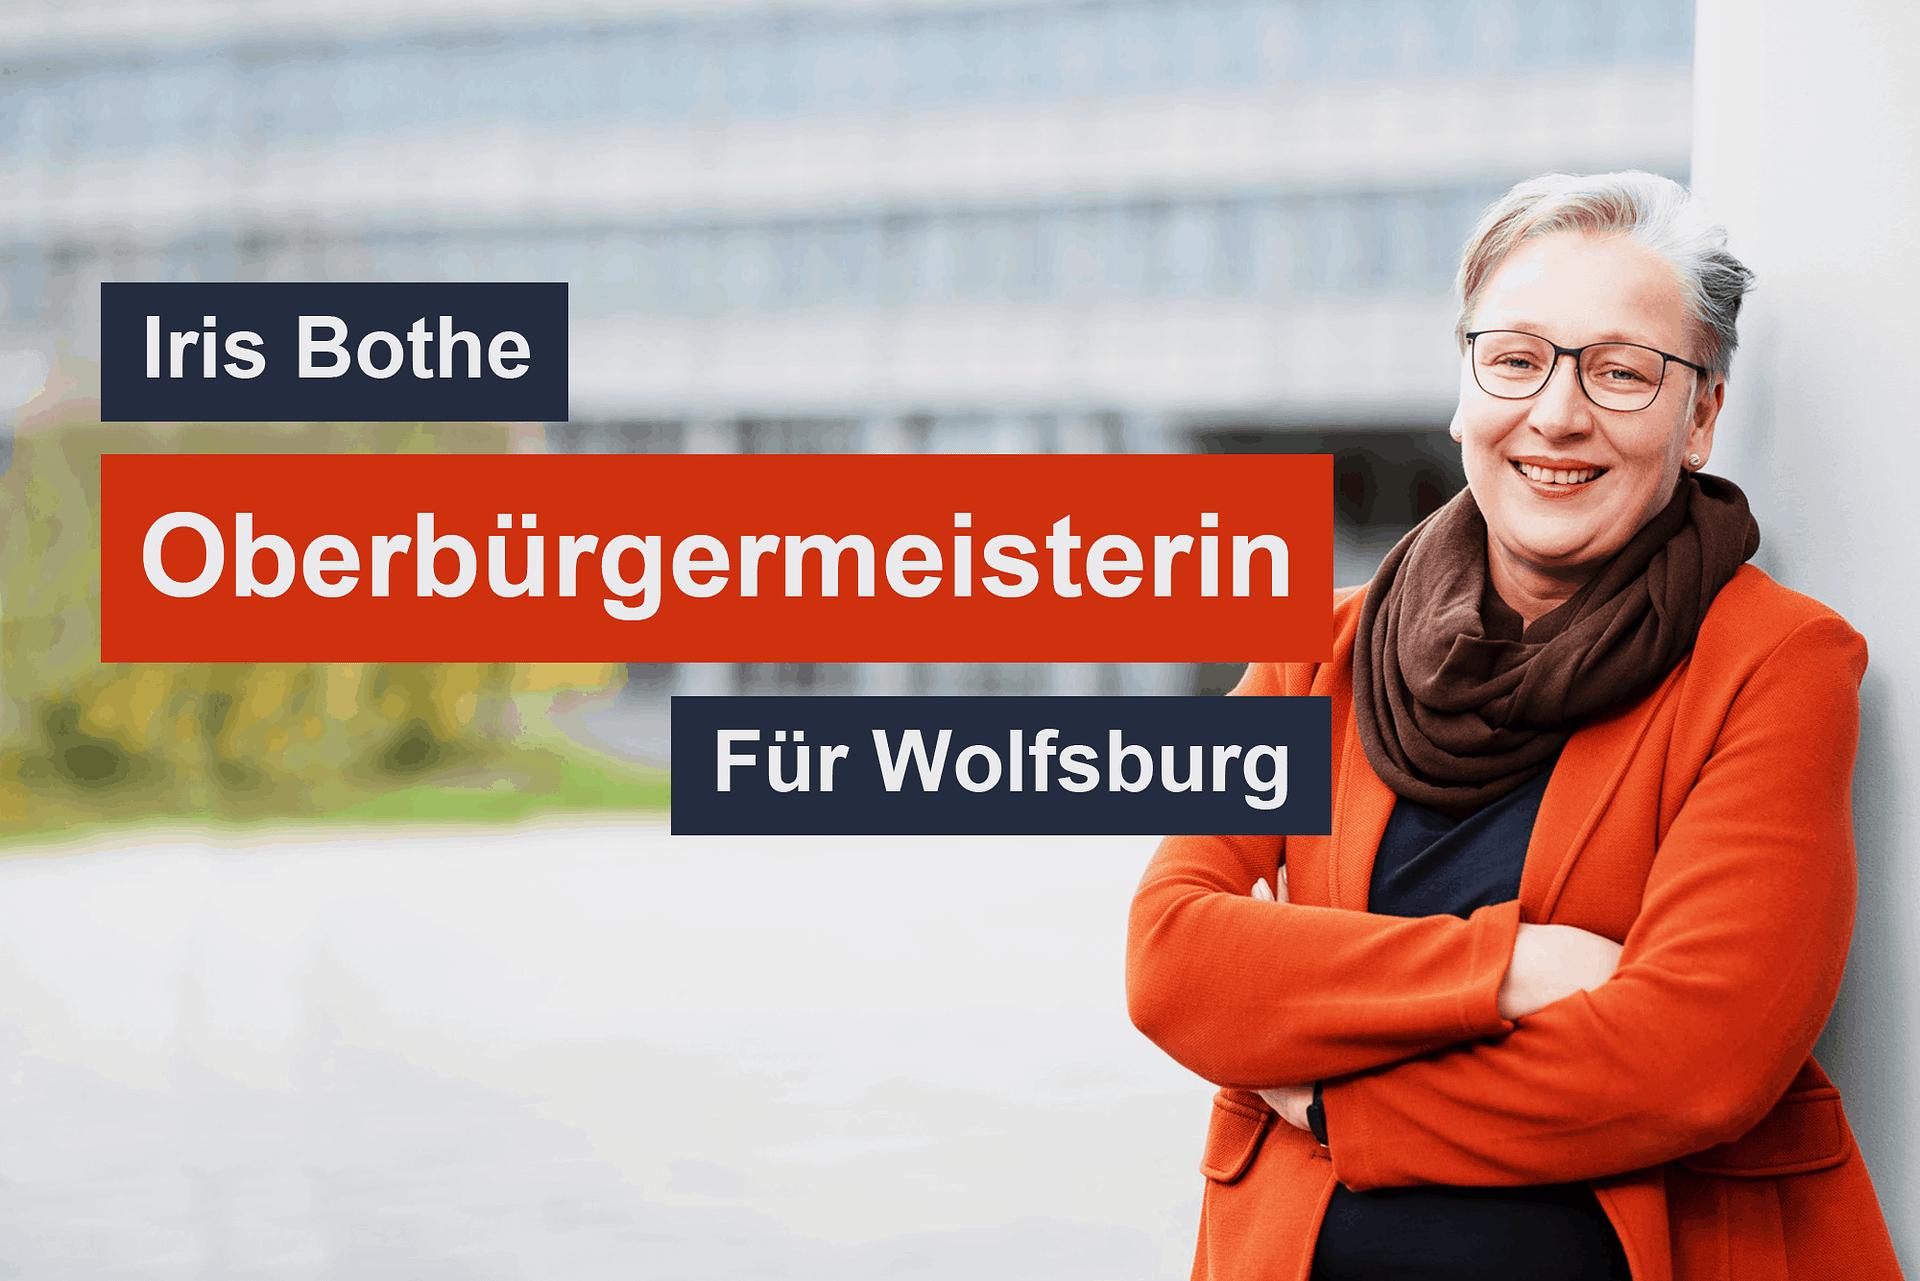 Iris Bothe Oberbürgermeisterin für Wolfsburg